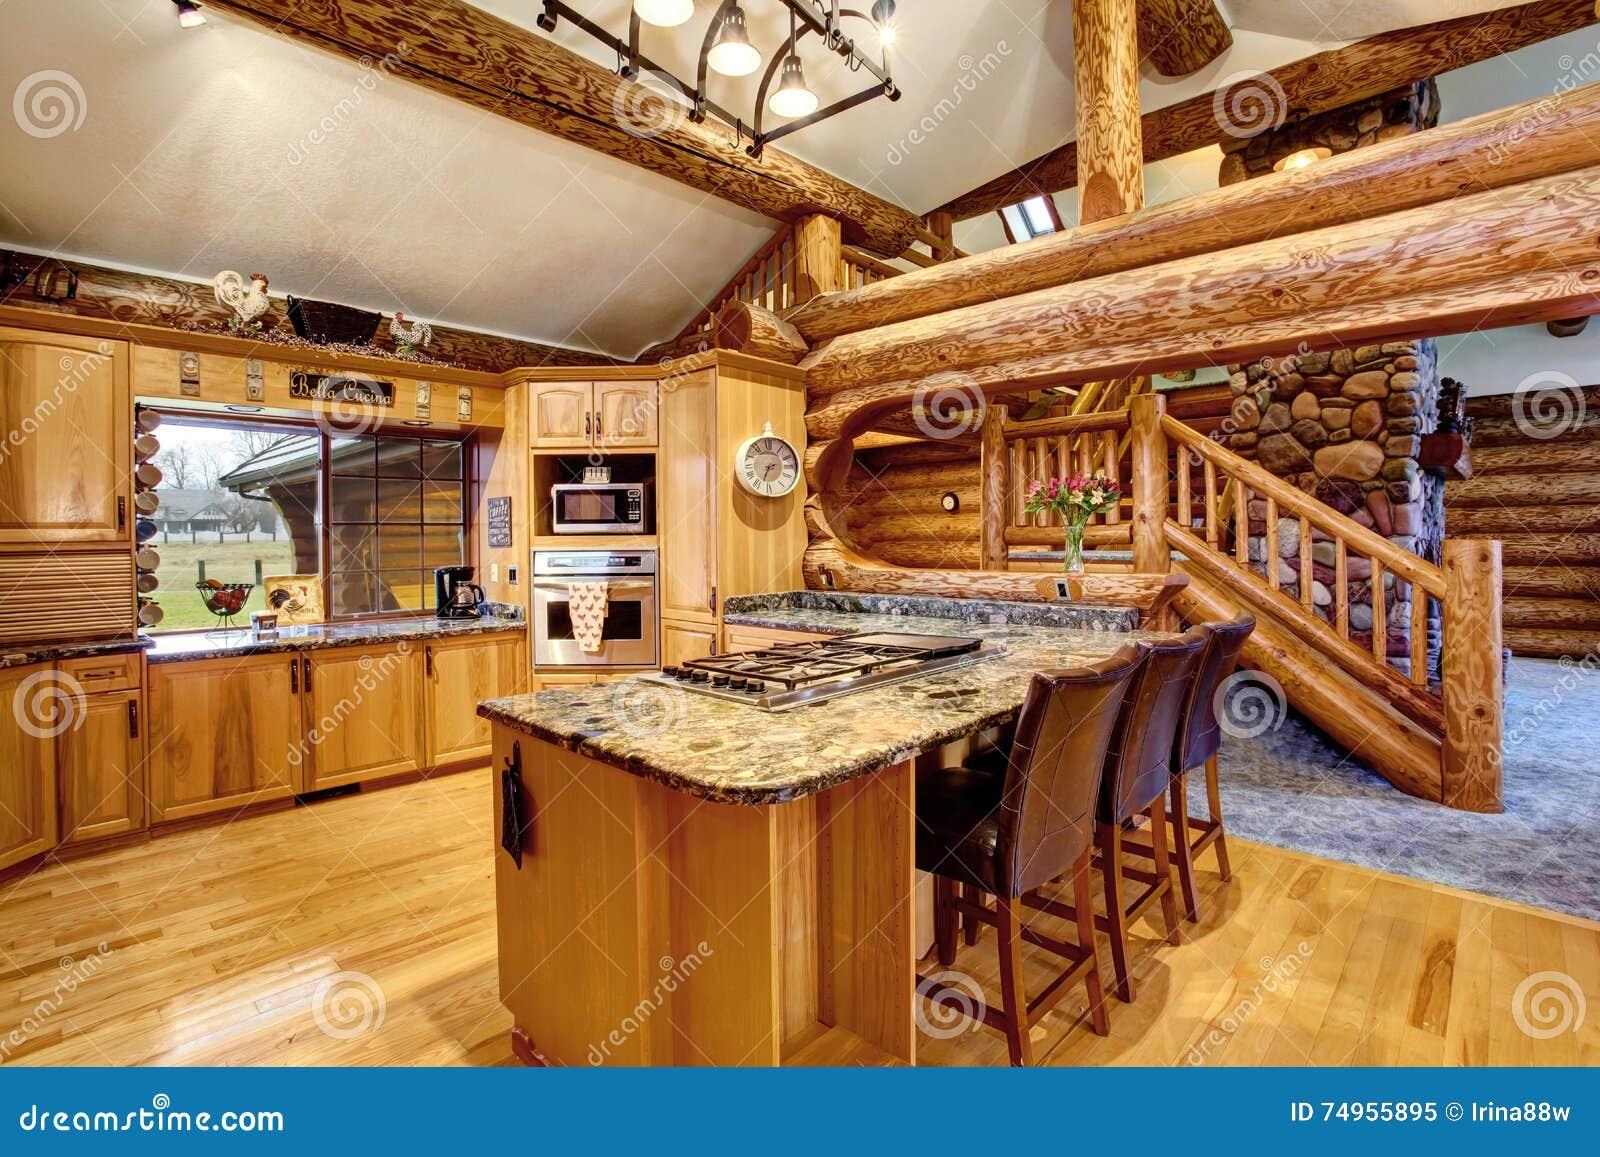 Design De Interiores Da Cozinha Da Cabana R Stica De Madeira Com Os